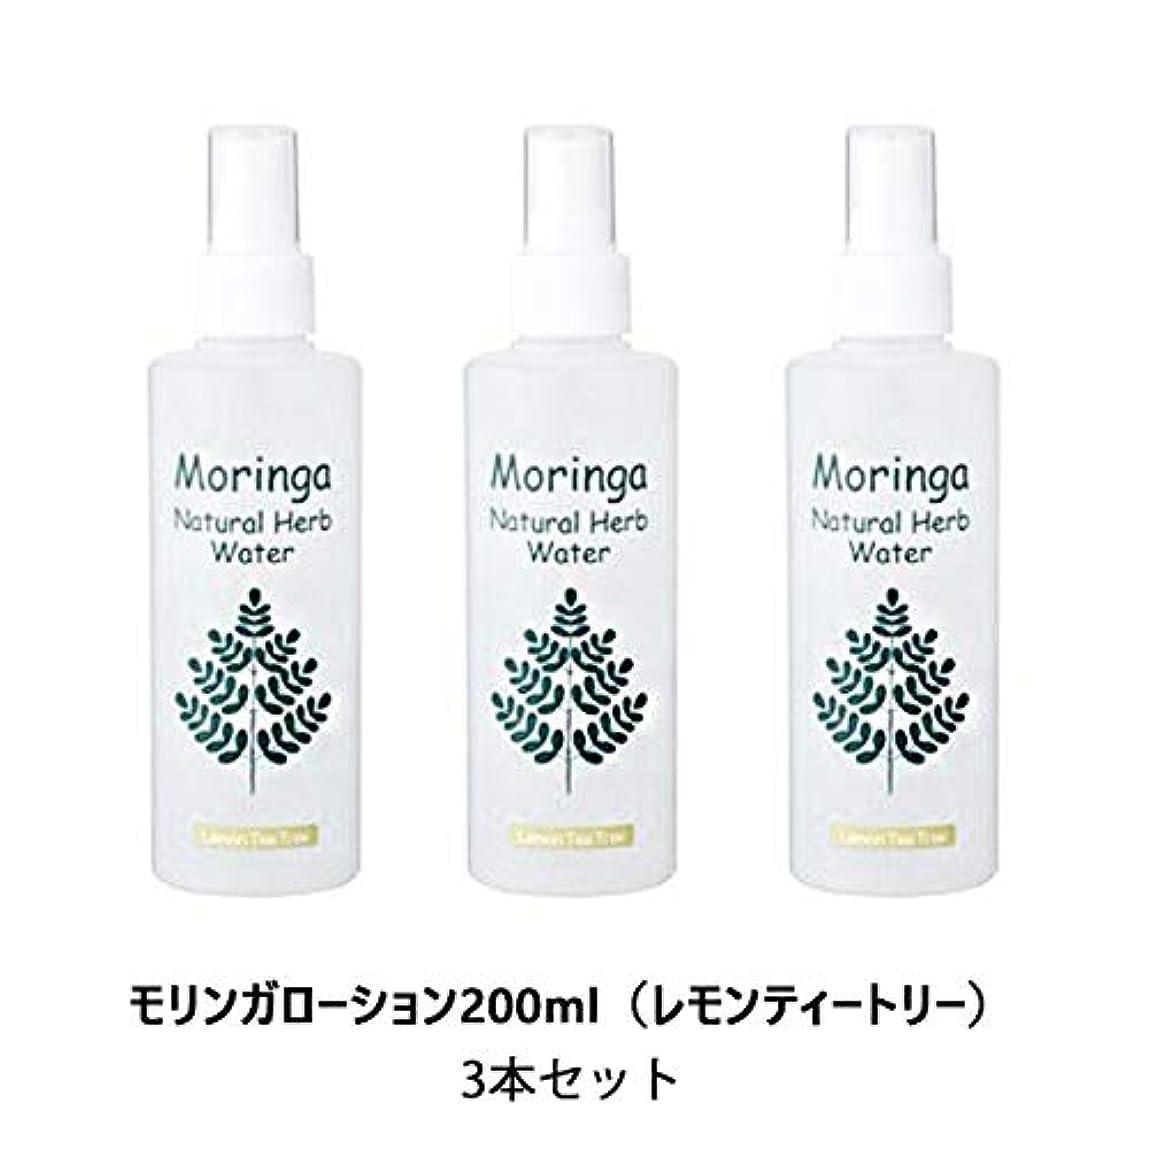 正確に奇跡的なこだわりモリンガ香草蒸留水(レモンティーツリー)200ml ×3個        JAN:4560303913033